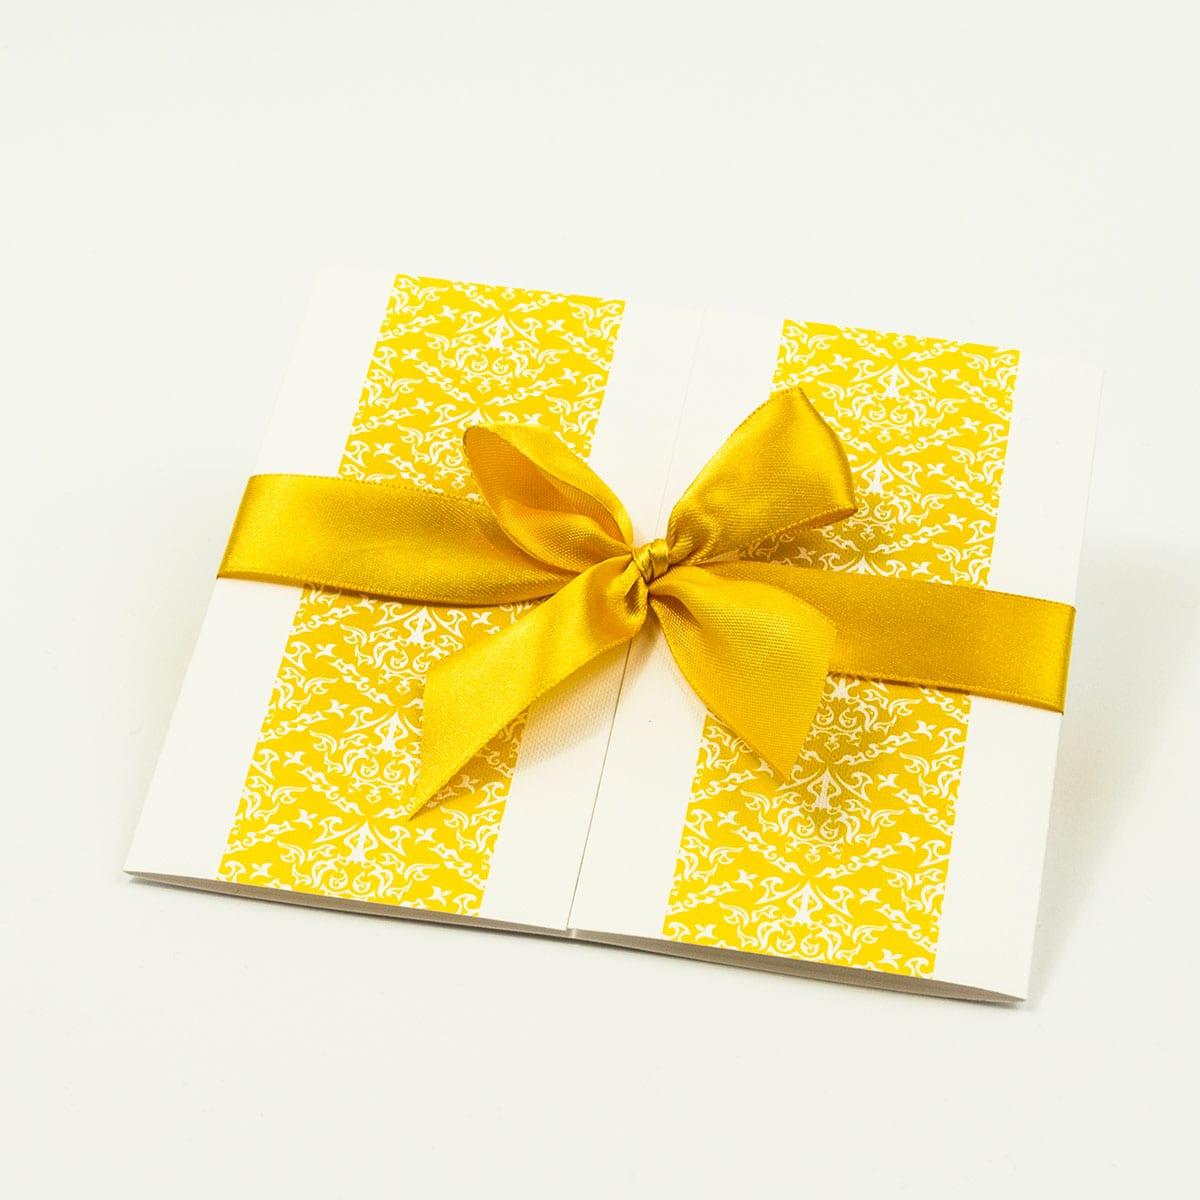 Zaproszenia z żółto-białą dekoracją, przewiązane wstążką po środku. ZAP-21-15